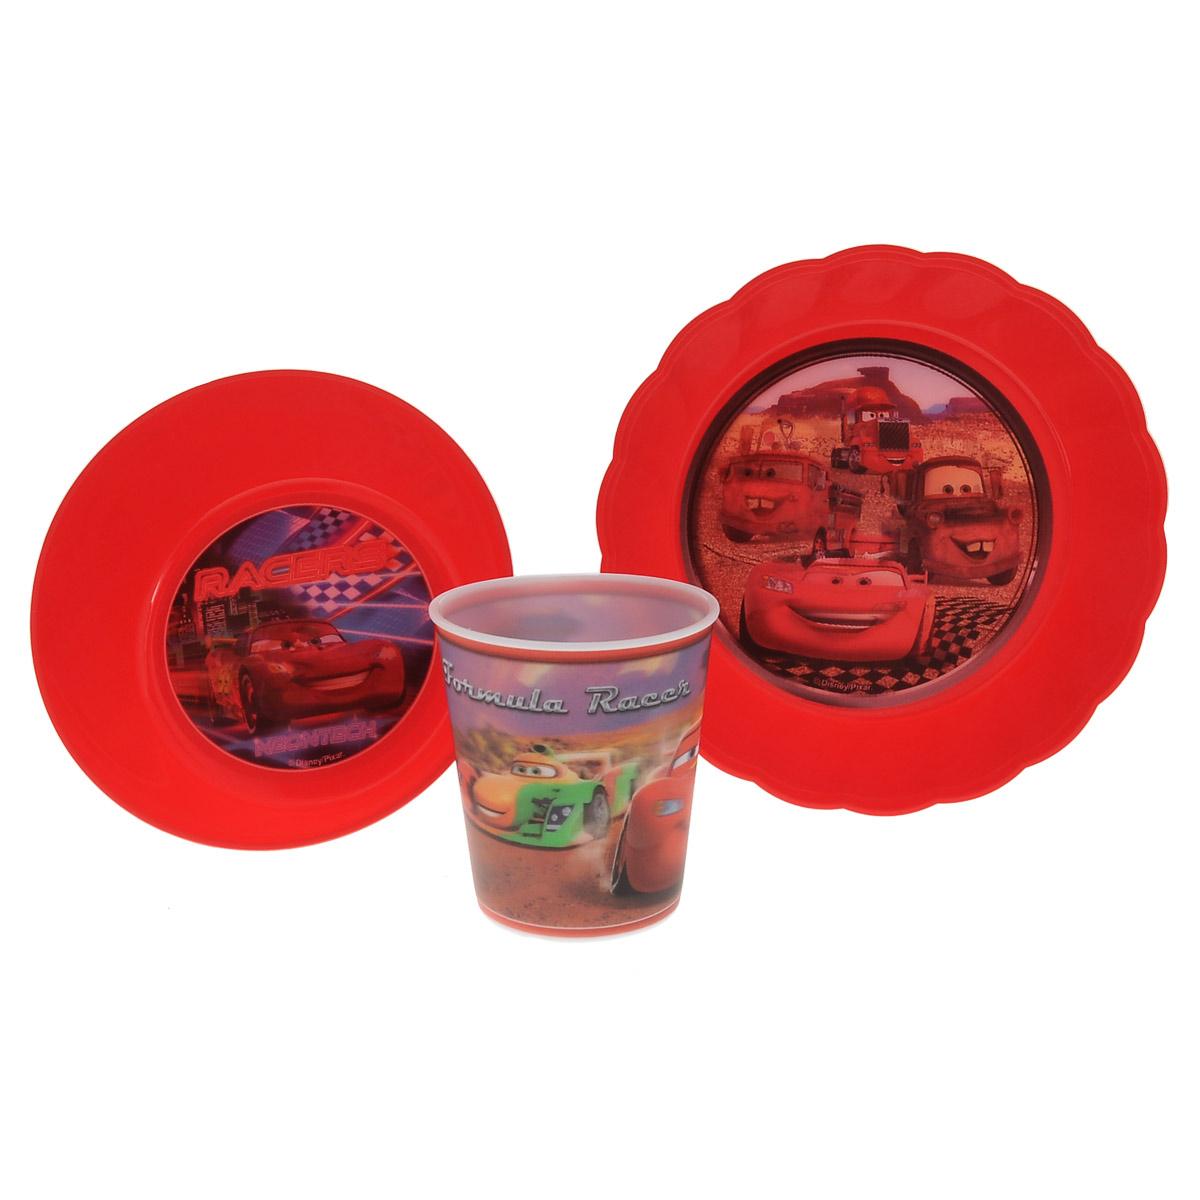 Набор детской посуды Disney Тачки, цвет: красный, 3 предмета. N3C1N3C1Набор детской посуды Disney Тачки состоит из стакана, салатника и тарелки. Посуда, выполненная из пищевого пластика, оформлена изображениями героев популярного мультфильма Тачки. Рисунки находятся под слоем прозрачного структурного пластика (линзы), создающего эффект объемного изображения, как в 3D кино, и исключающего попадание краски в жидкость. Небьющаяся посуда, красивая, легкая и удобная в уходе, прекрасно выдерживает горячую пищу. Ваш малыш с удовольствием будет кушать вместе с любимыми героями. Объем стакана: 260 мл. Высота стакана: 8,5 см. Диаметр стакана (по верхнему краю): 8 см. Диаметр салатника: 15 см. Высота салатника: 5 см. Диаметр тарелки: 18 см. Высота тарелки: 4 см.